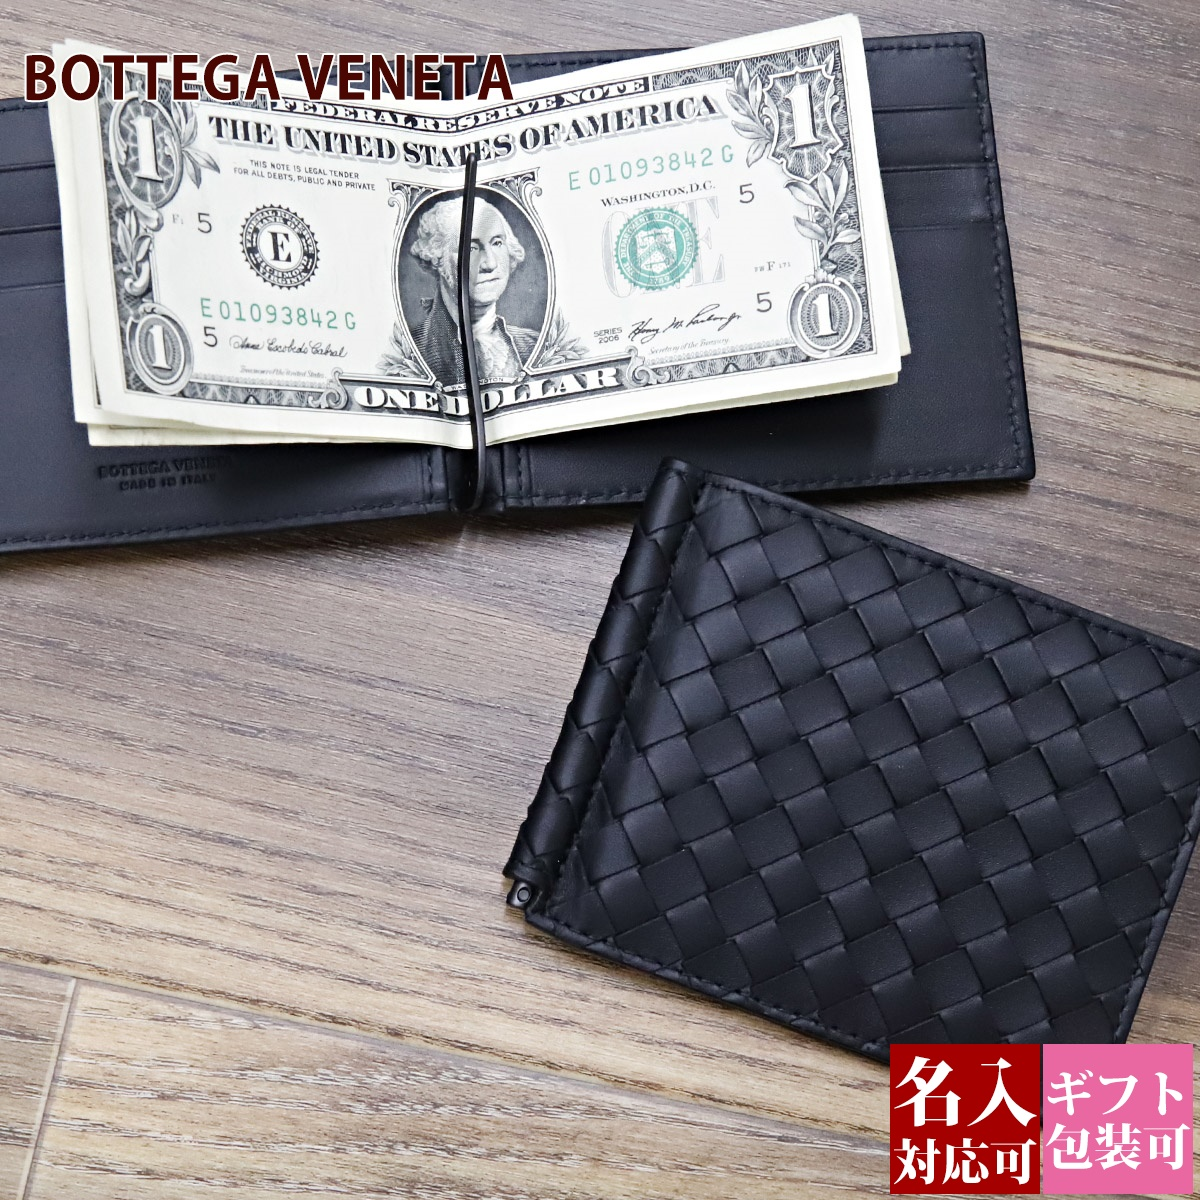 ボッテガヴェネタ 財布 BOTTEGA VENETA 二つ折り財布 メンズ 札ばさみ マネークリップ カード(ICカード)収納可能 123180 V4651 1000 ブラック(黒) 正規品 送料無料 セールブランド 新品 新作 2018年